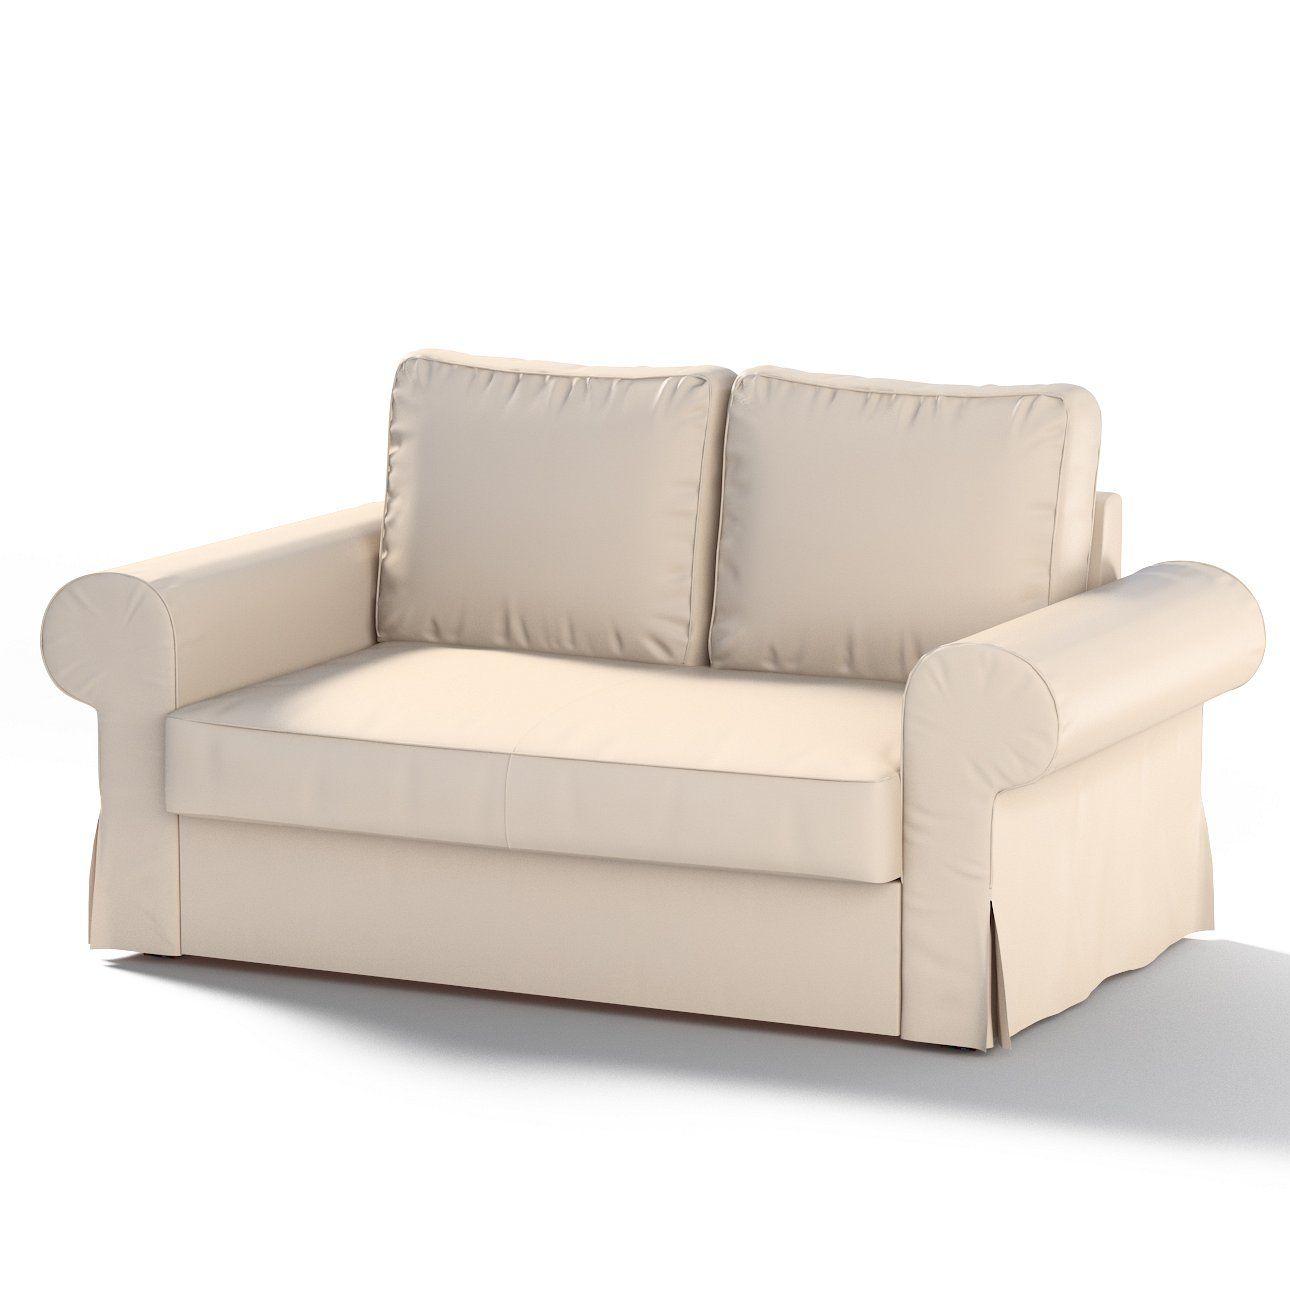 Full Size of Sofa Bezug P35225 Günstiges Esstisch Günstig Kaufen Reiniger Großes Mega Beziehen Tom Tailor L Mit Schlaffunktion Creme Landhausstil Antik Leinen Englisch Sofa Sofa Bezug